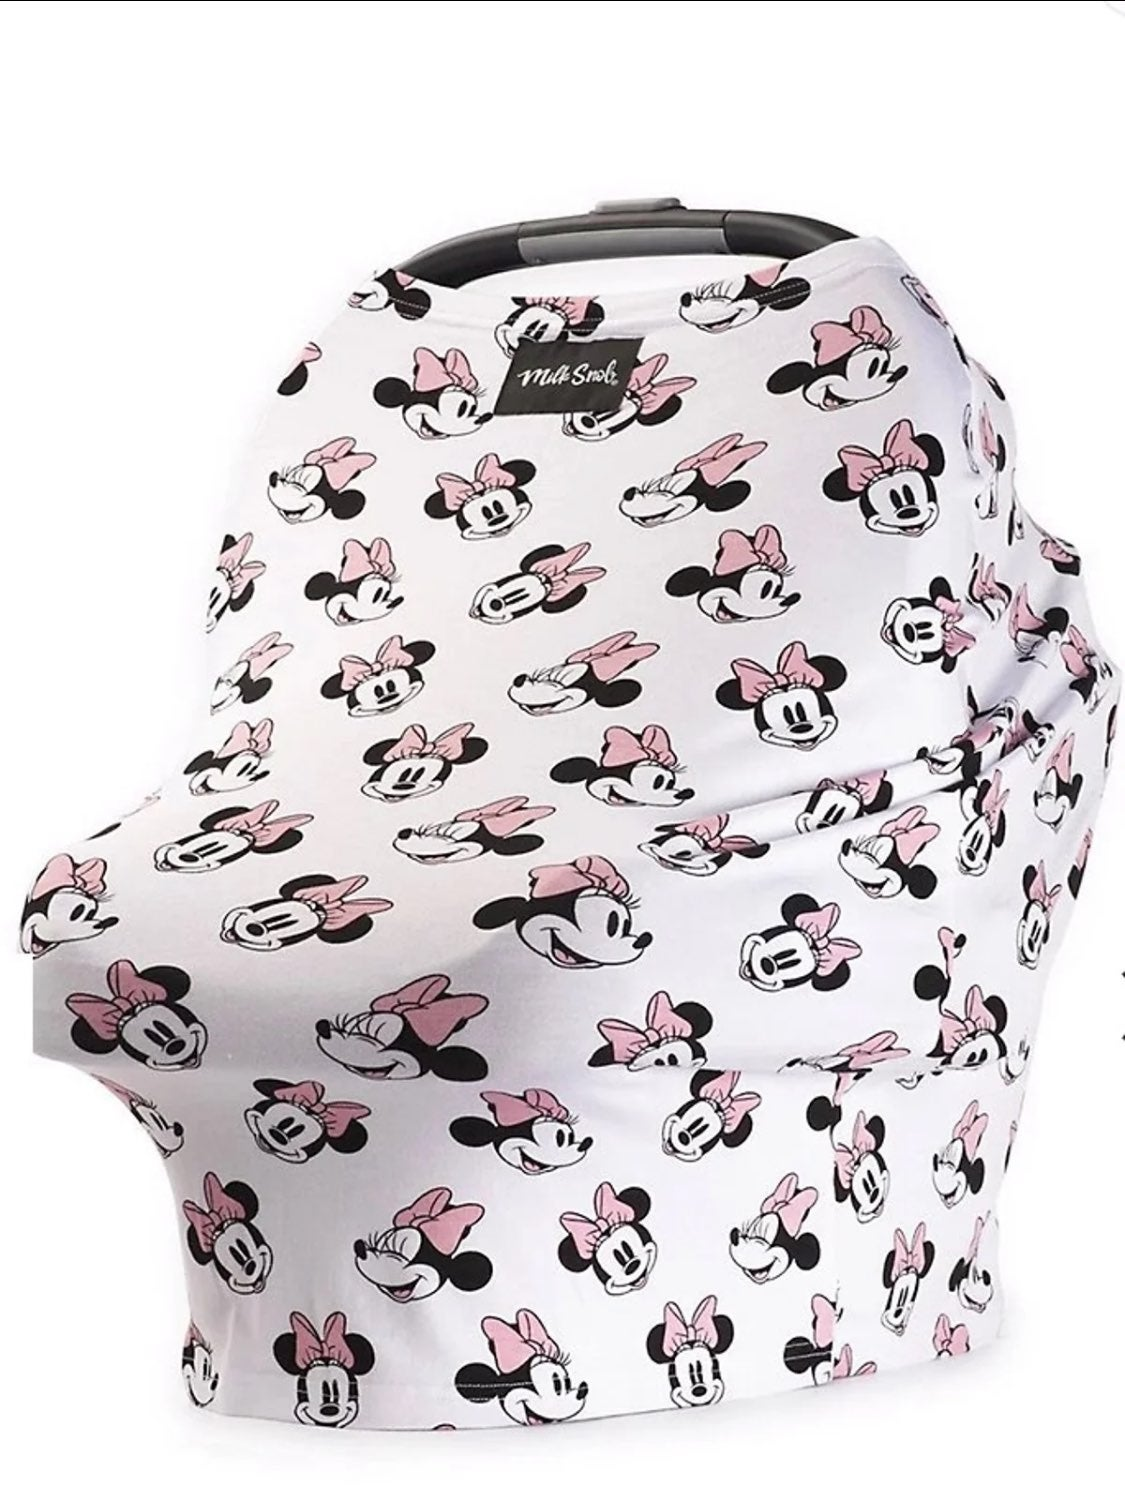 Milk snob car seat /nursing cover